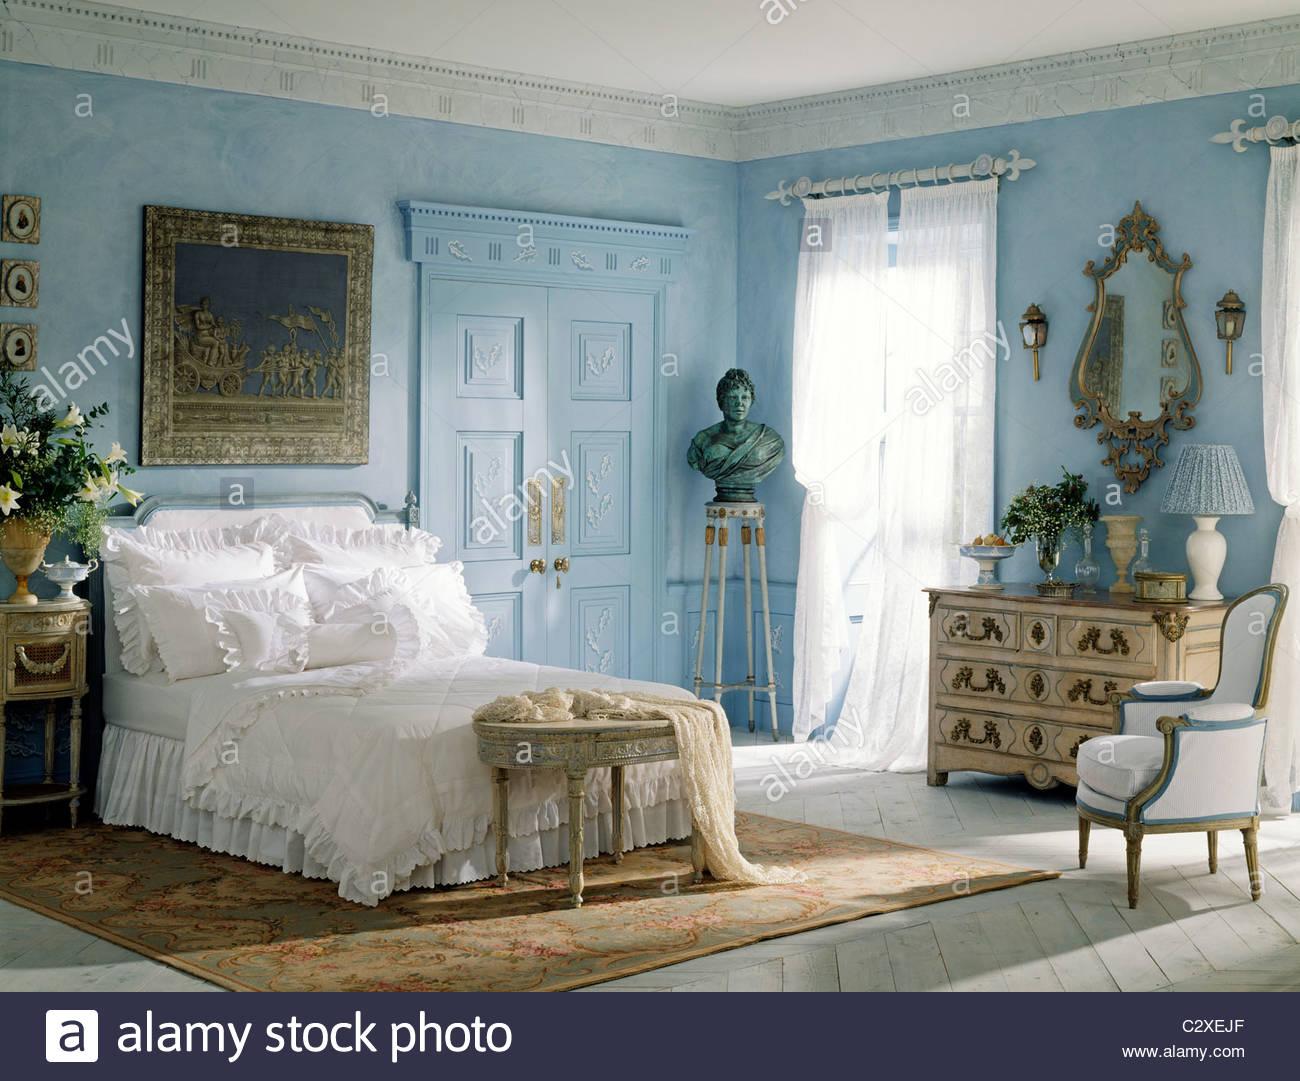 Camere Da Letto Stile Francese : Blu e bianco camera da letto in stile francese di mobili foto